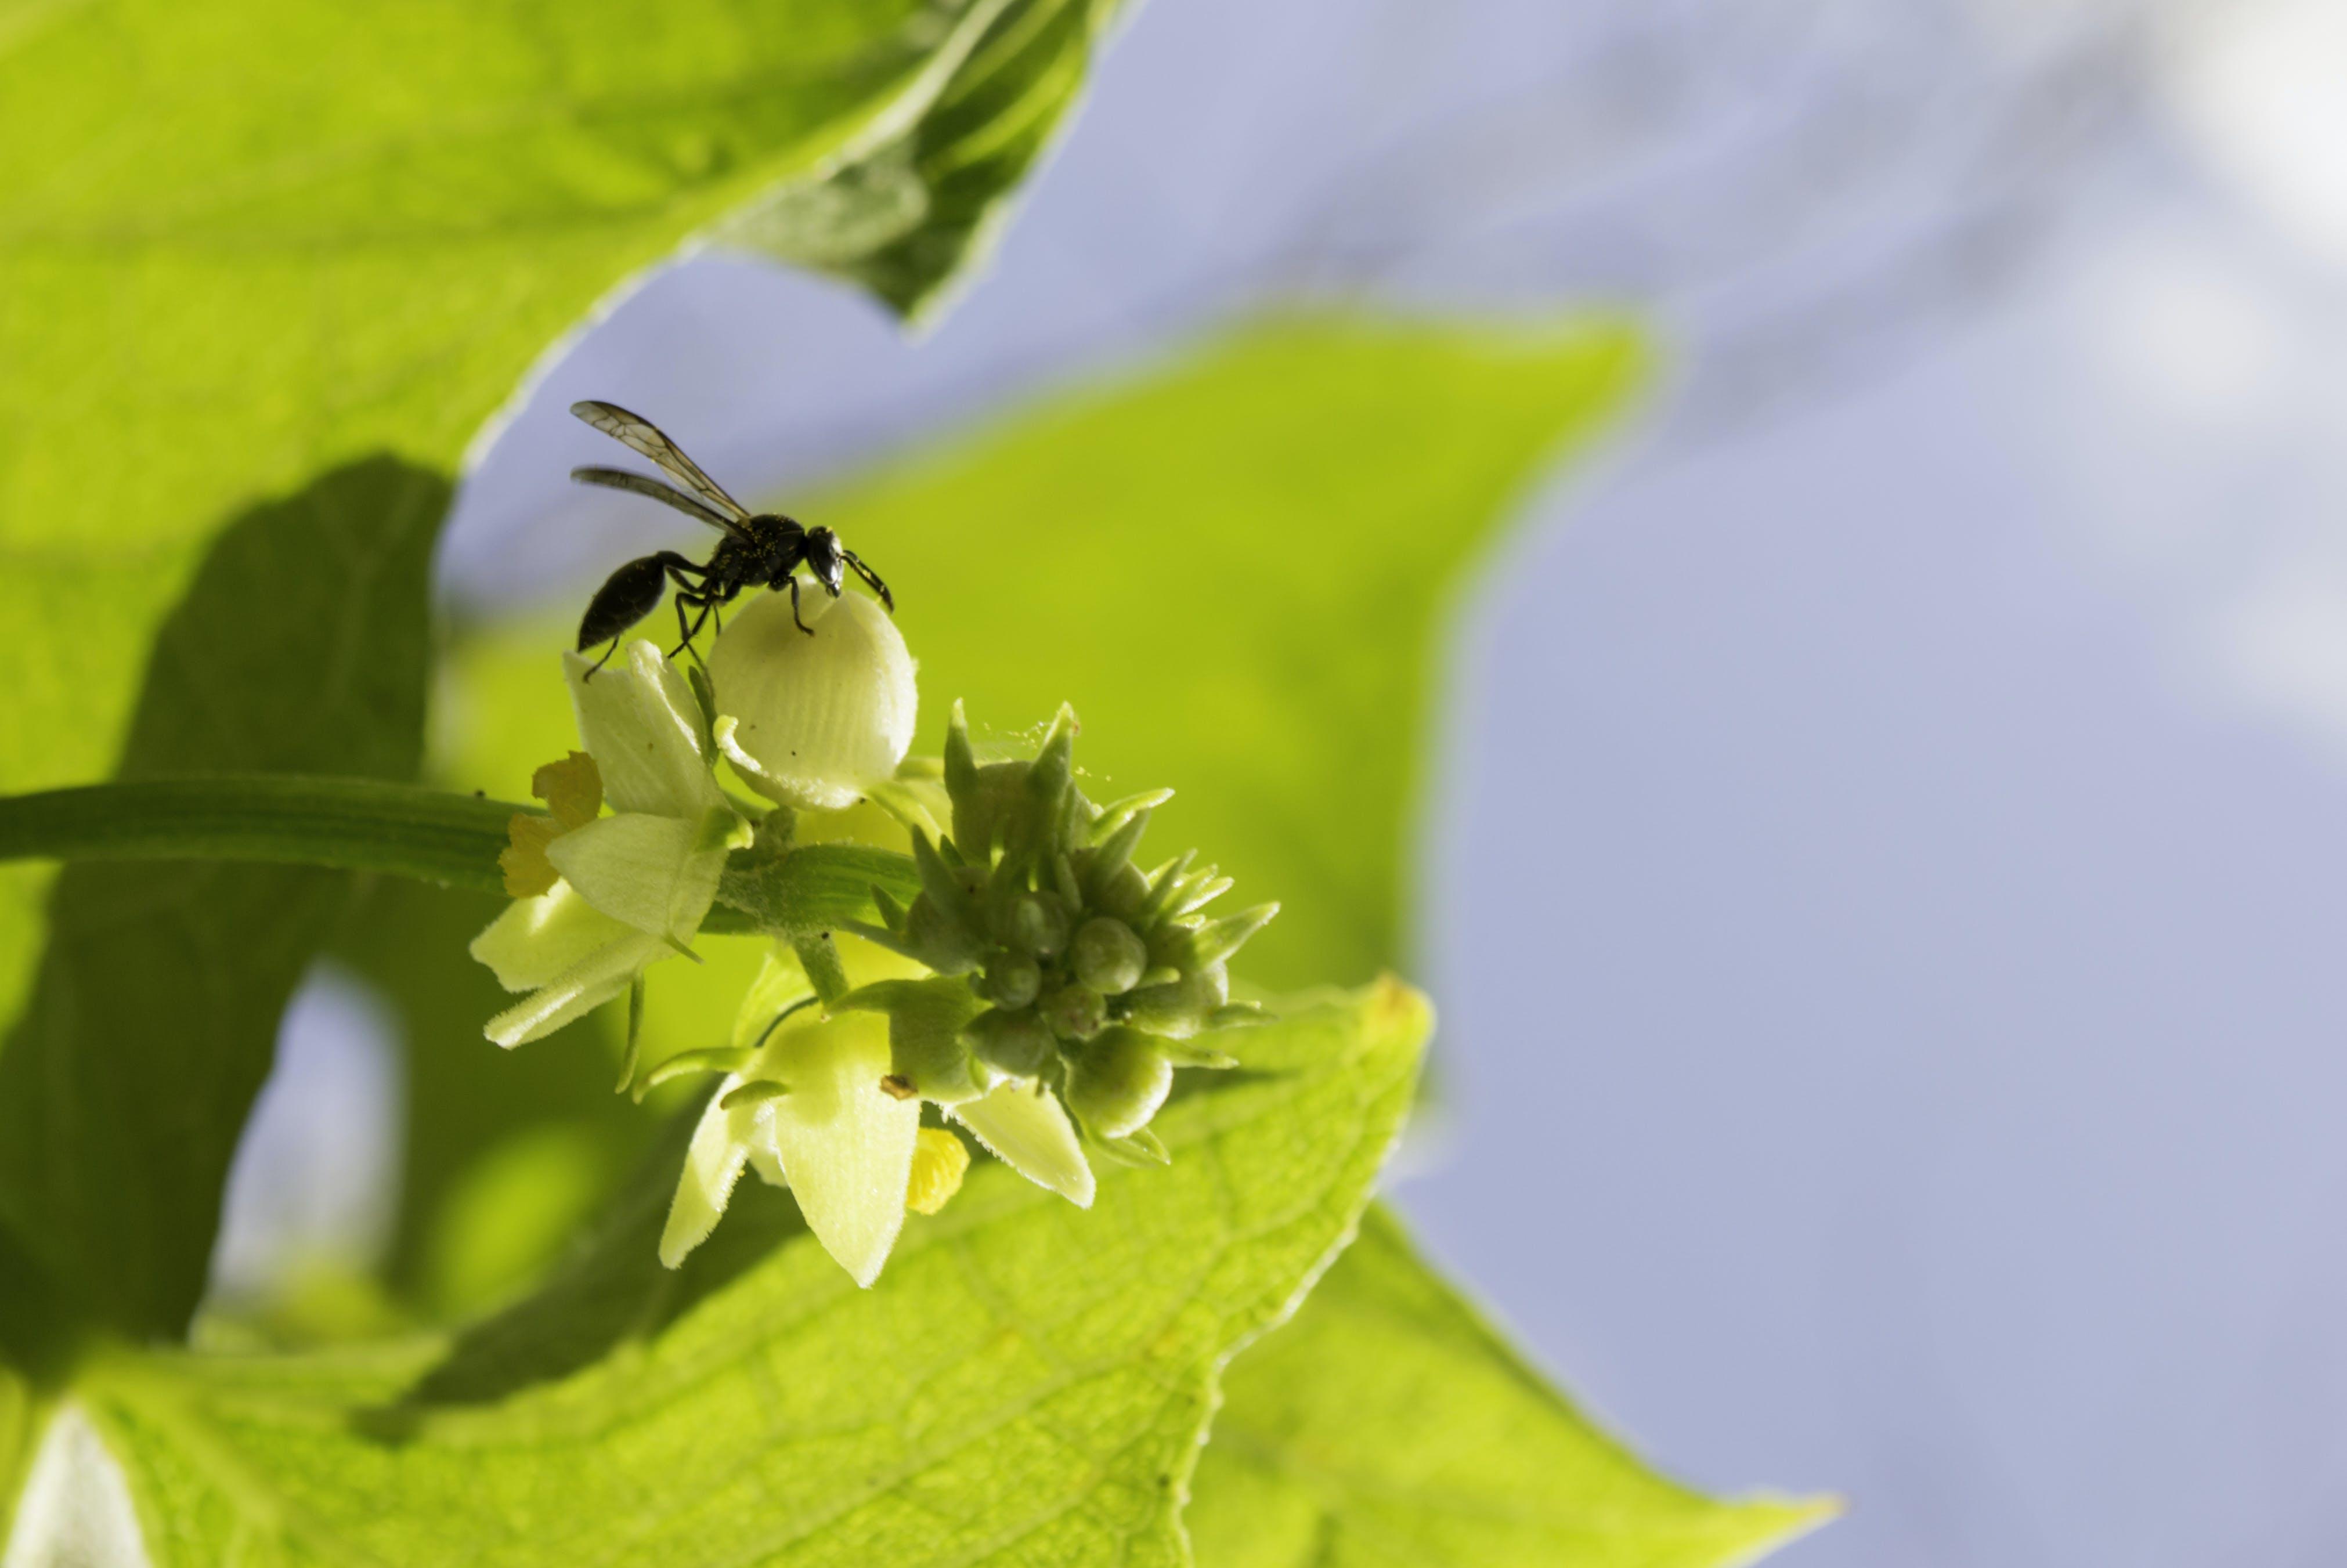 天性, 昆蟲, 綠色, 黃蜂 的 免費圖庫相片